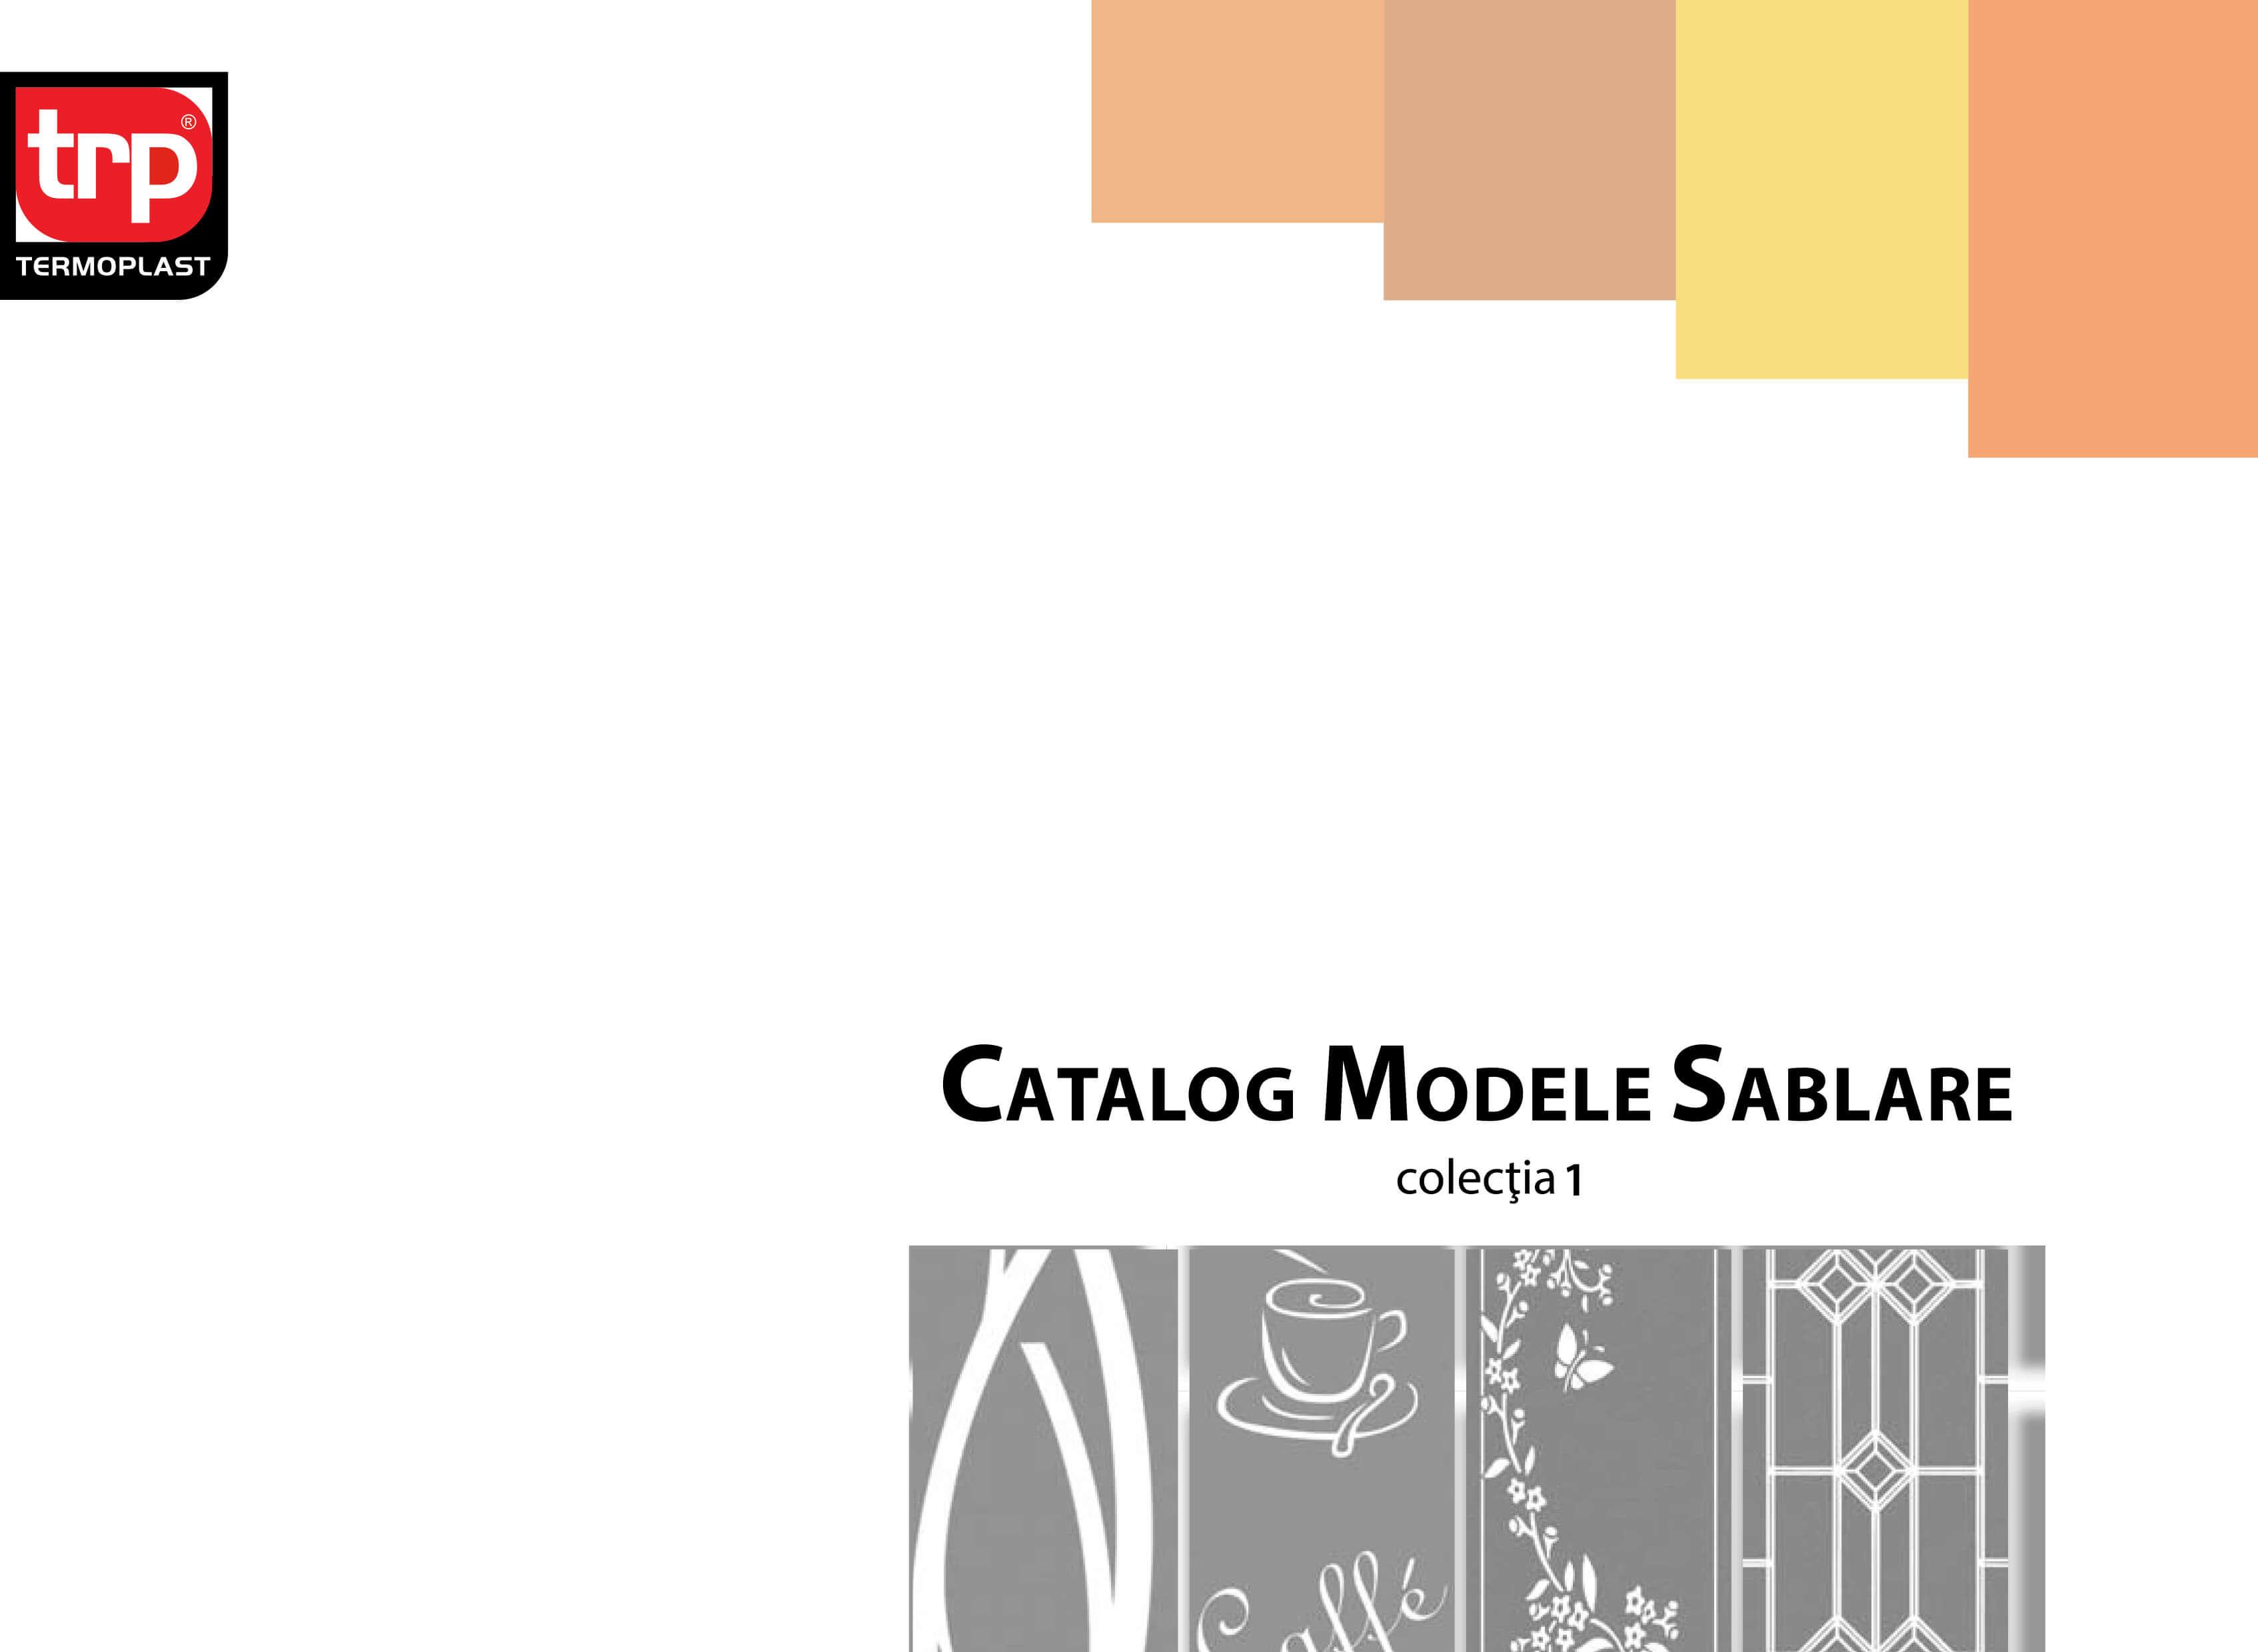 catalog sablare colectia 1